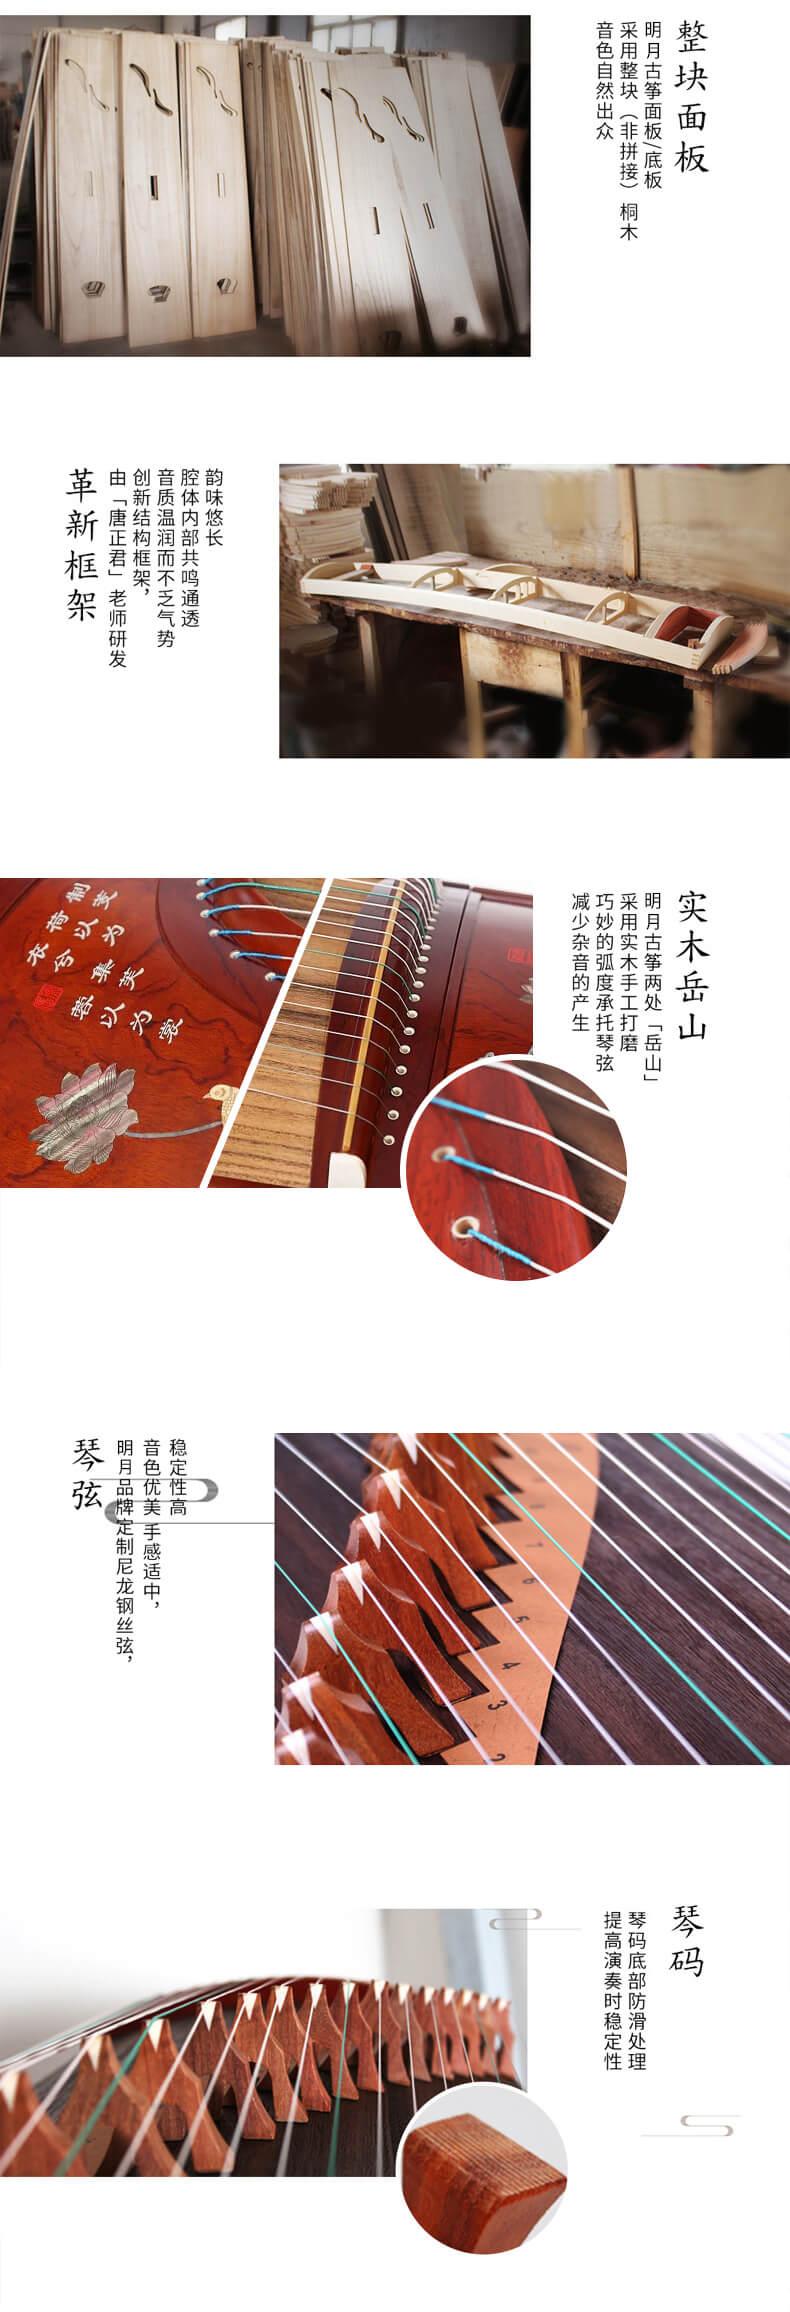 古箏_02.jpg